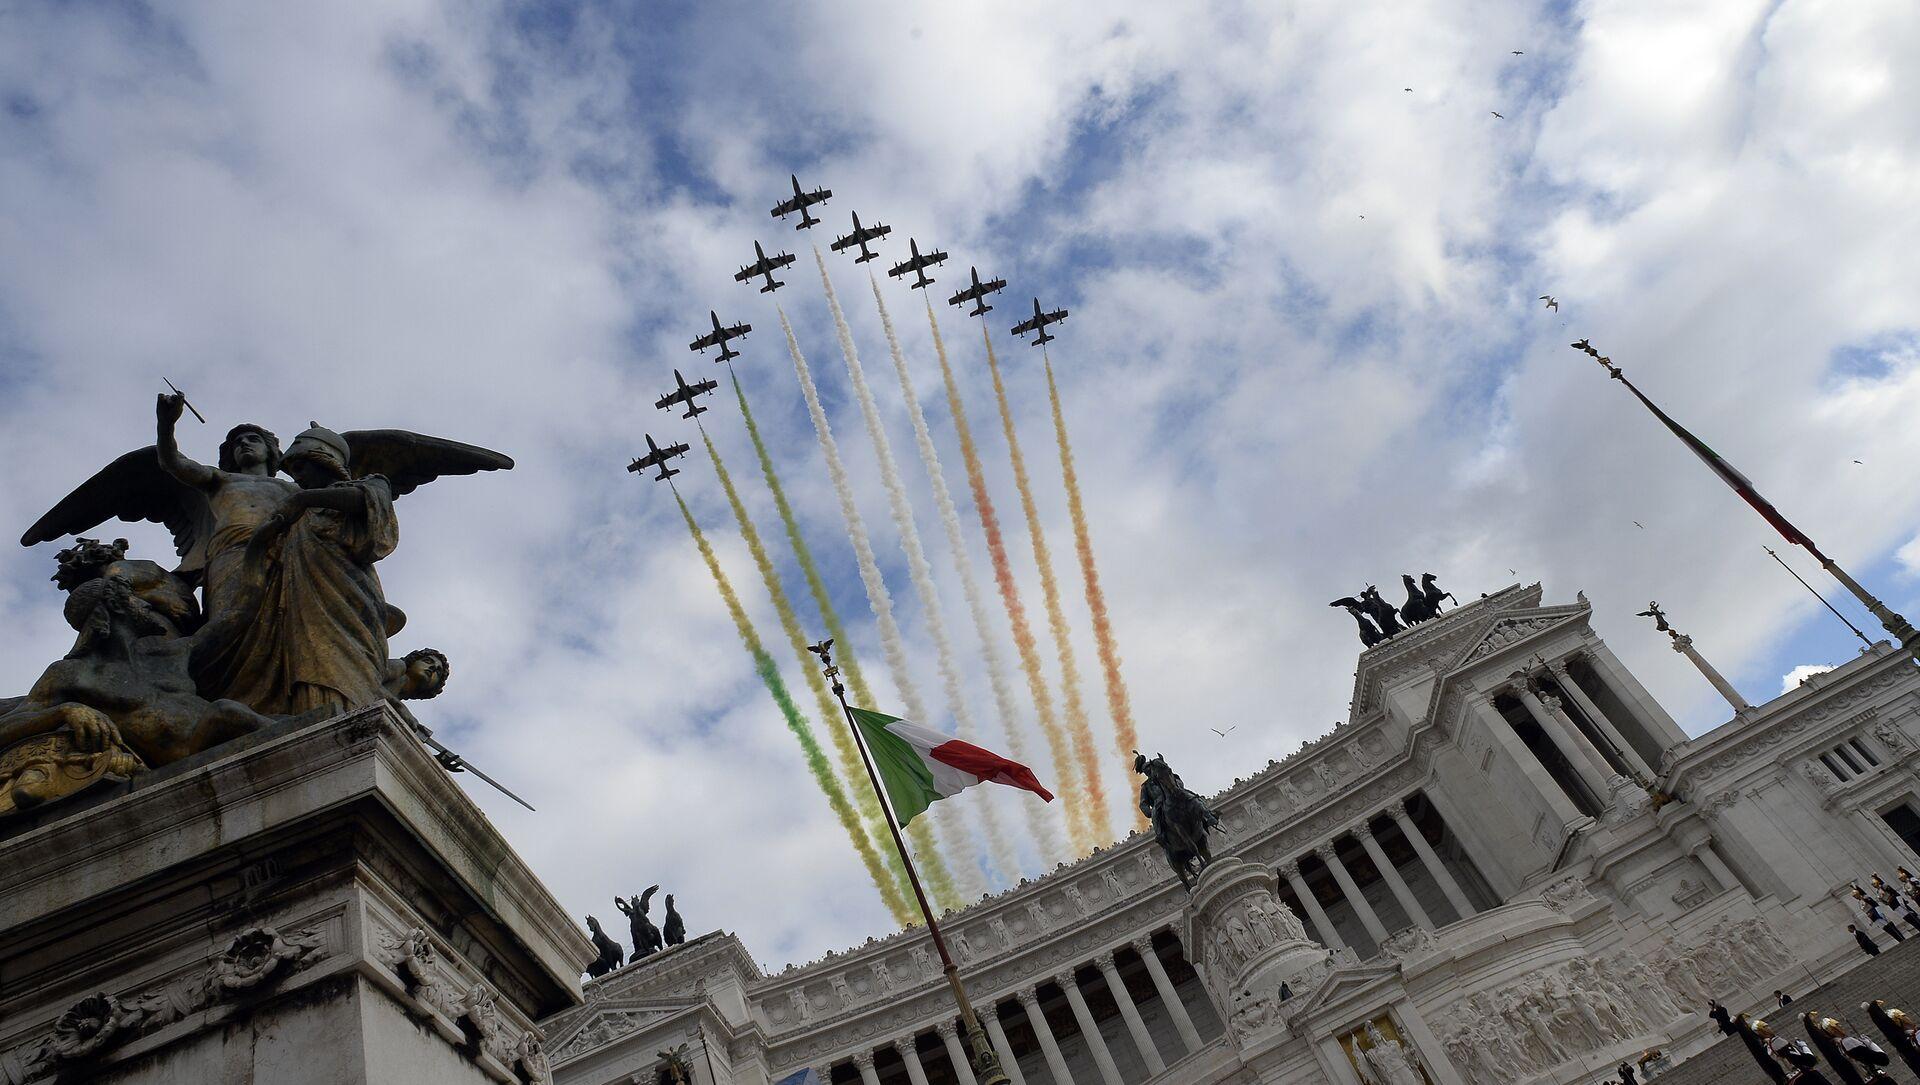 Le Frecce Tricolori si esibiscono nel cielo di Roma, sopra l'Altare della Patria - Sputnik Italia, 1920, 22.04.2021